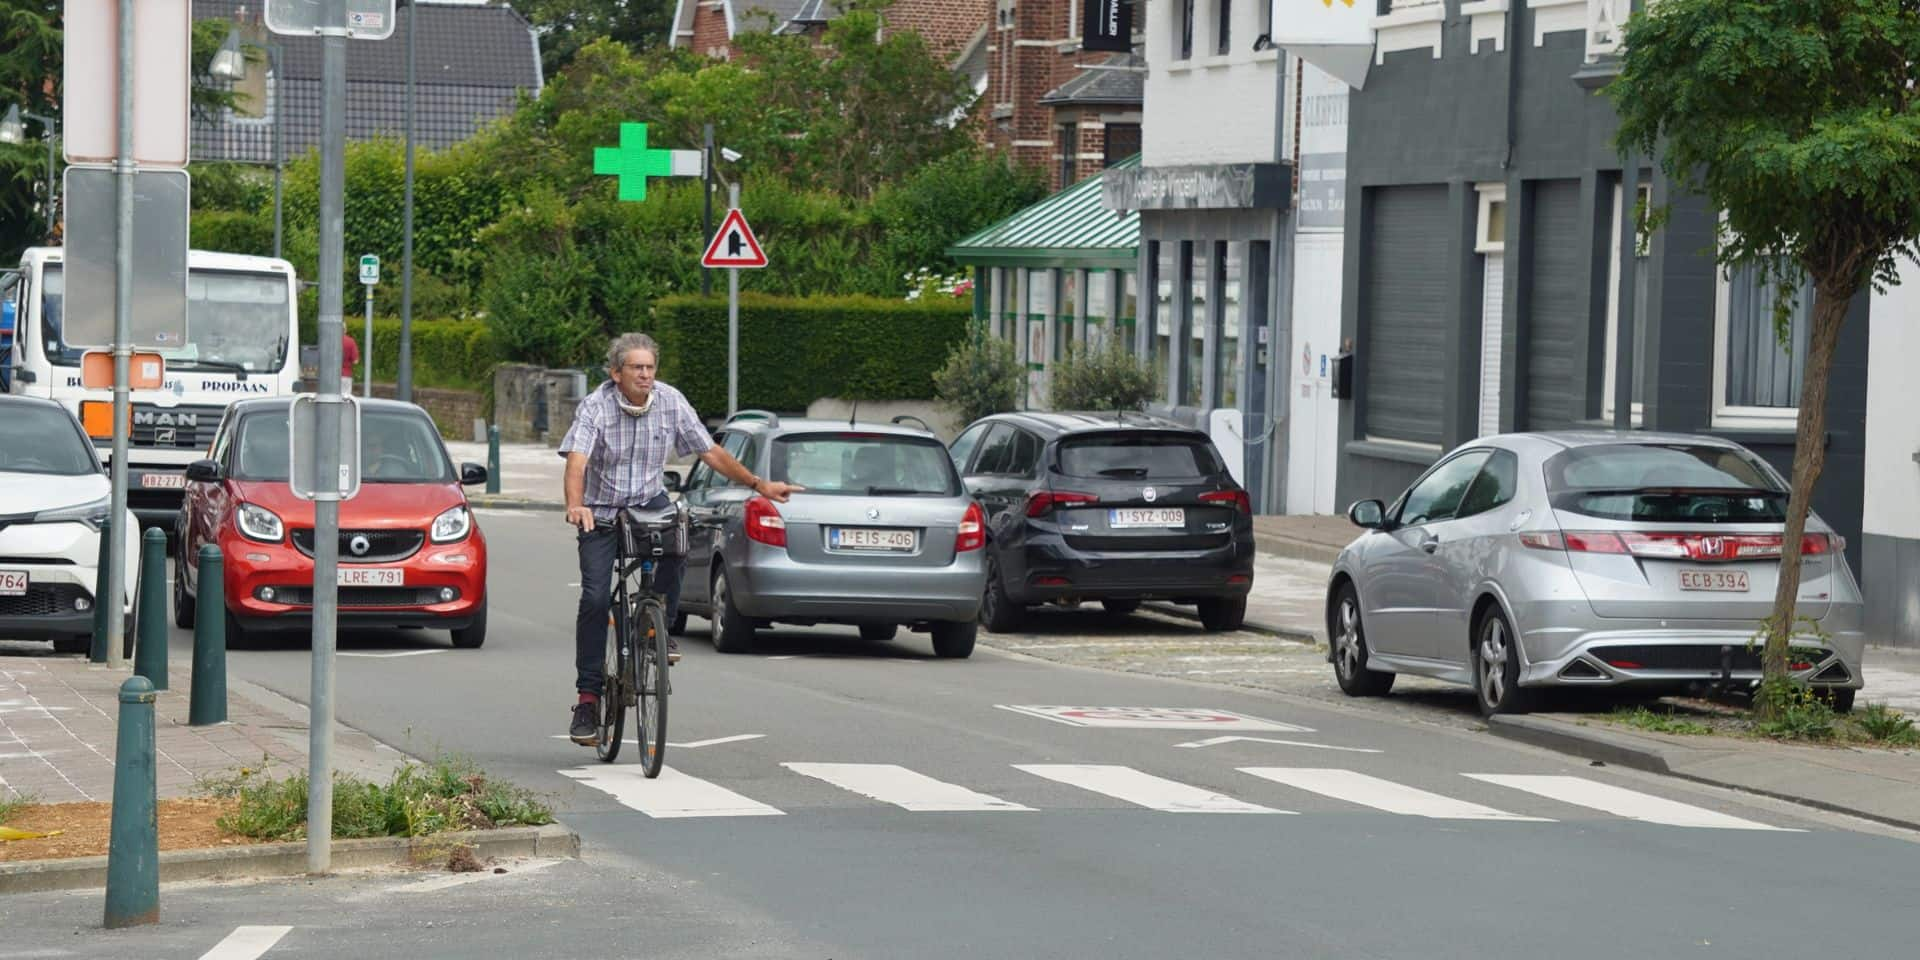 Davantage de cyclistes accidentés sur les routes du BW